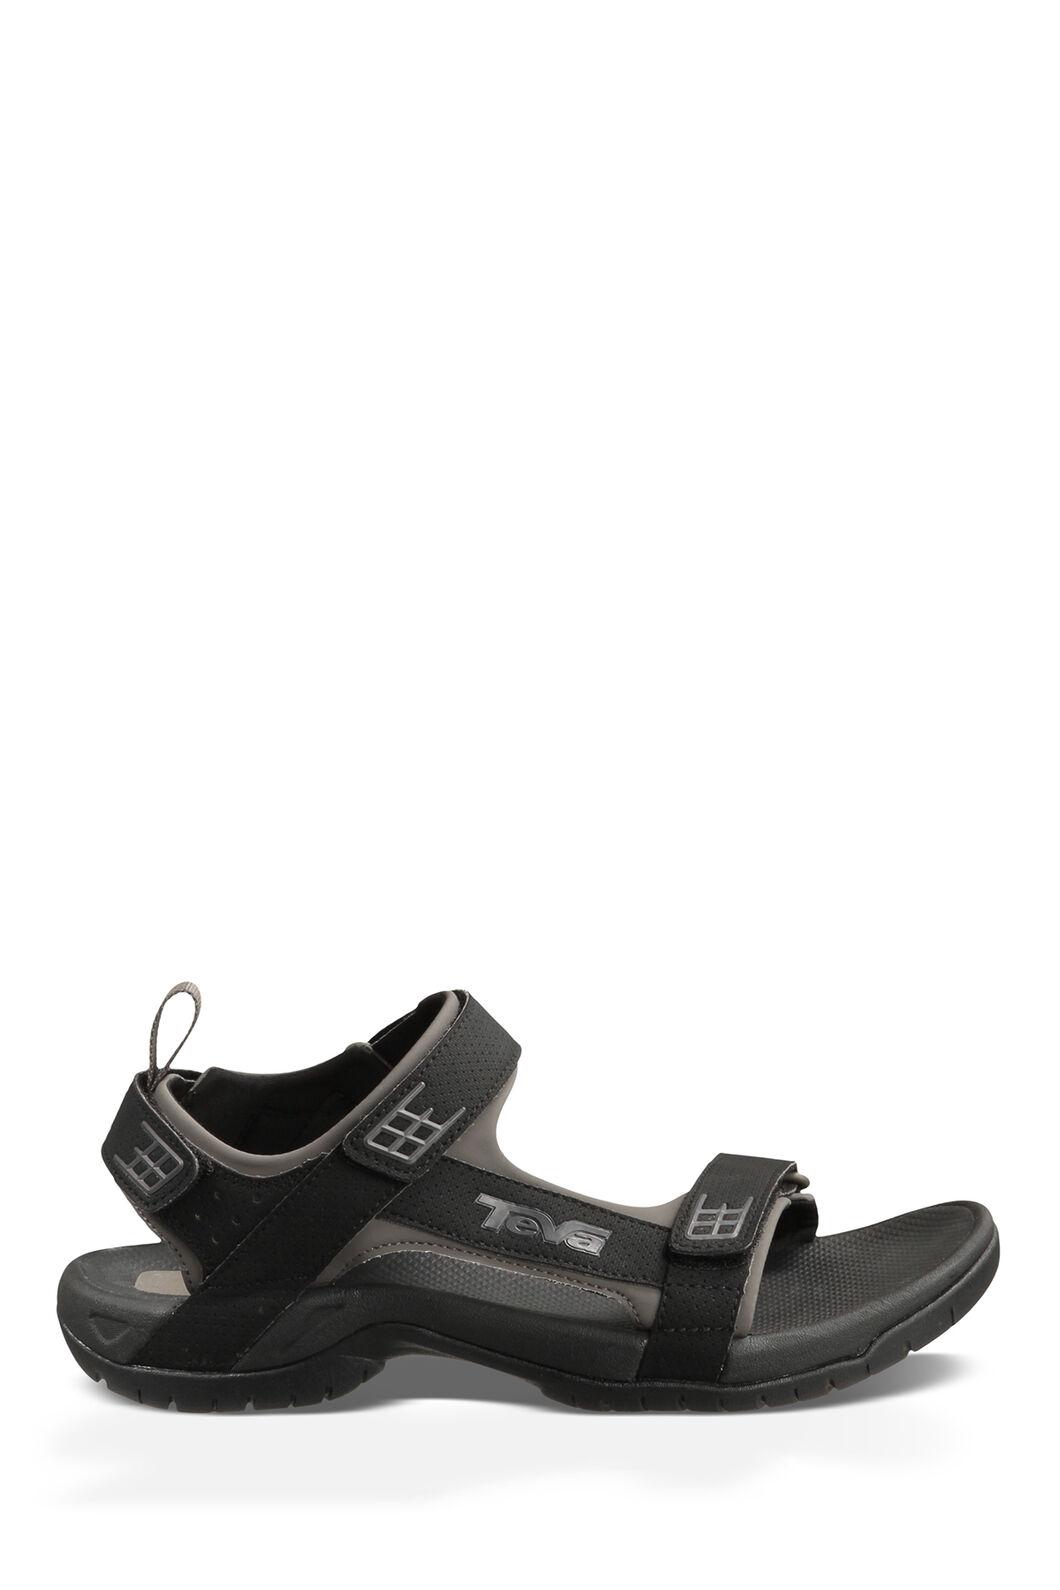 Teva Minam Sandals — Men's, Black, hi-res